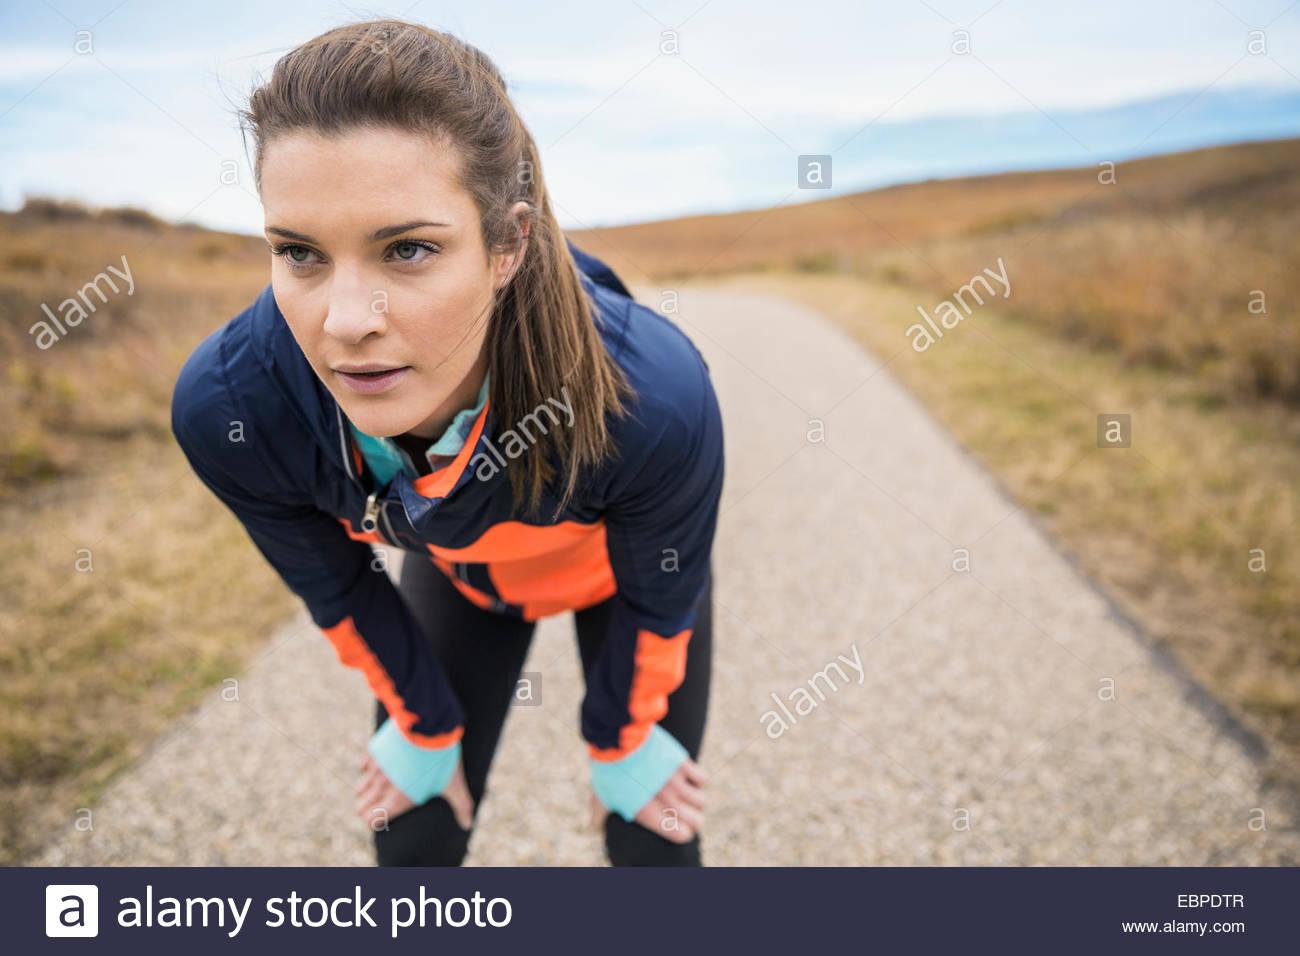 Läufer auf ländlichen Weg Stockbild